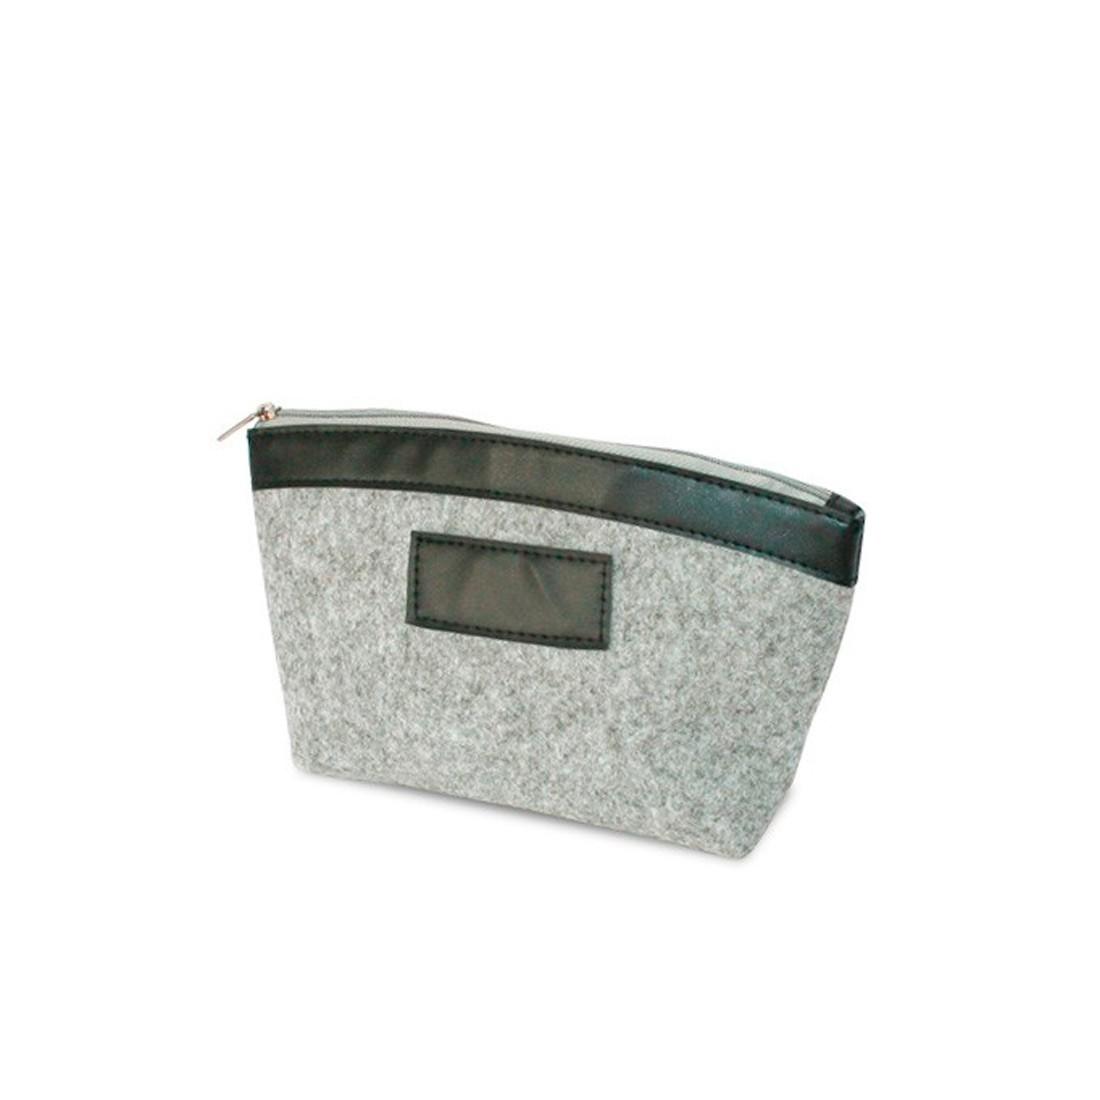 Gray felt pouch